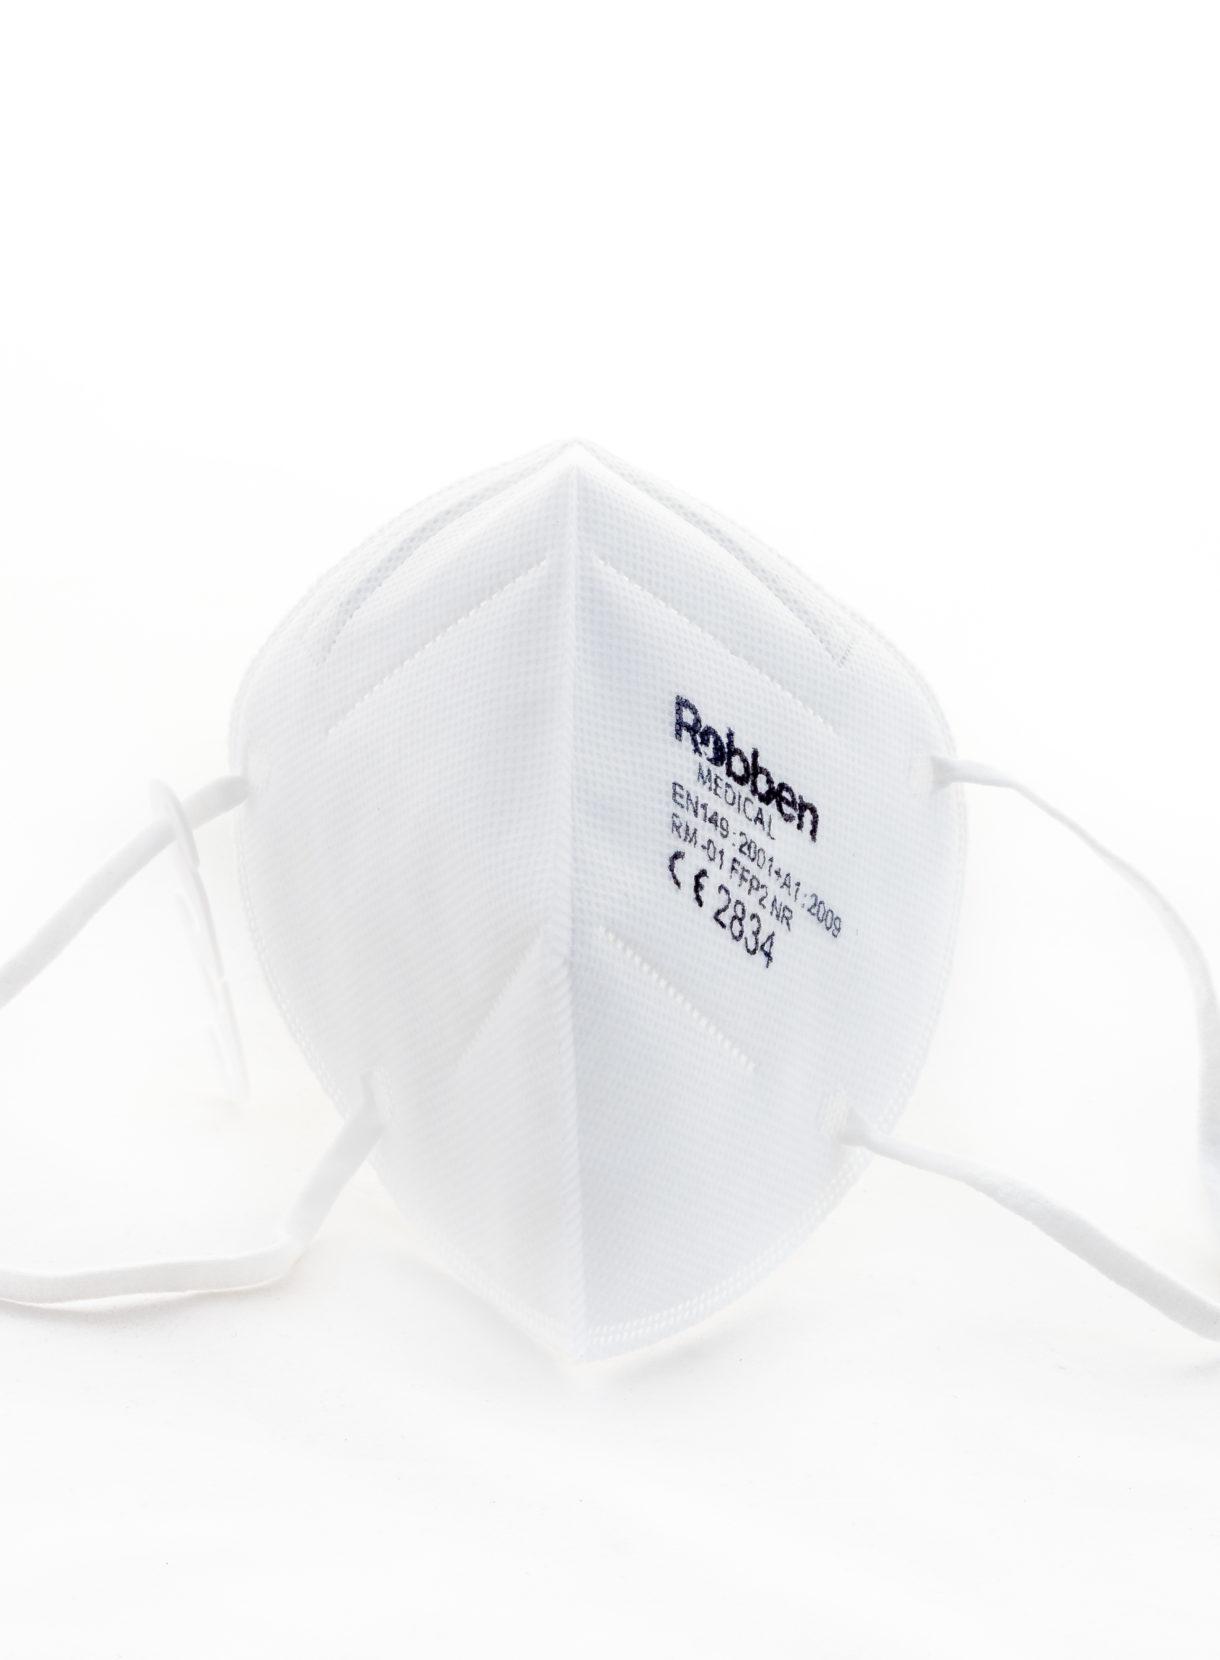 Frontansicht FFP2 Maske von Robben Medical